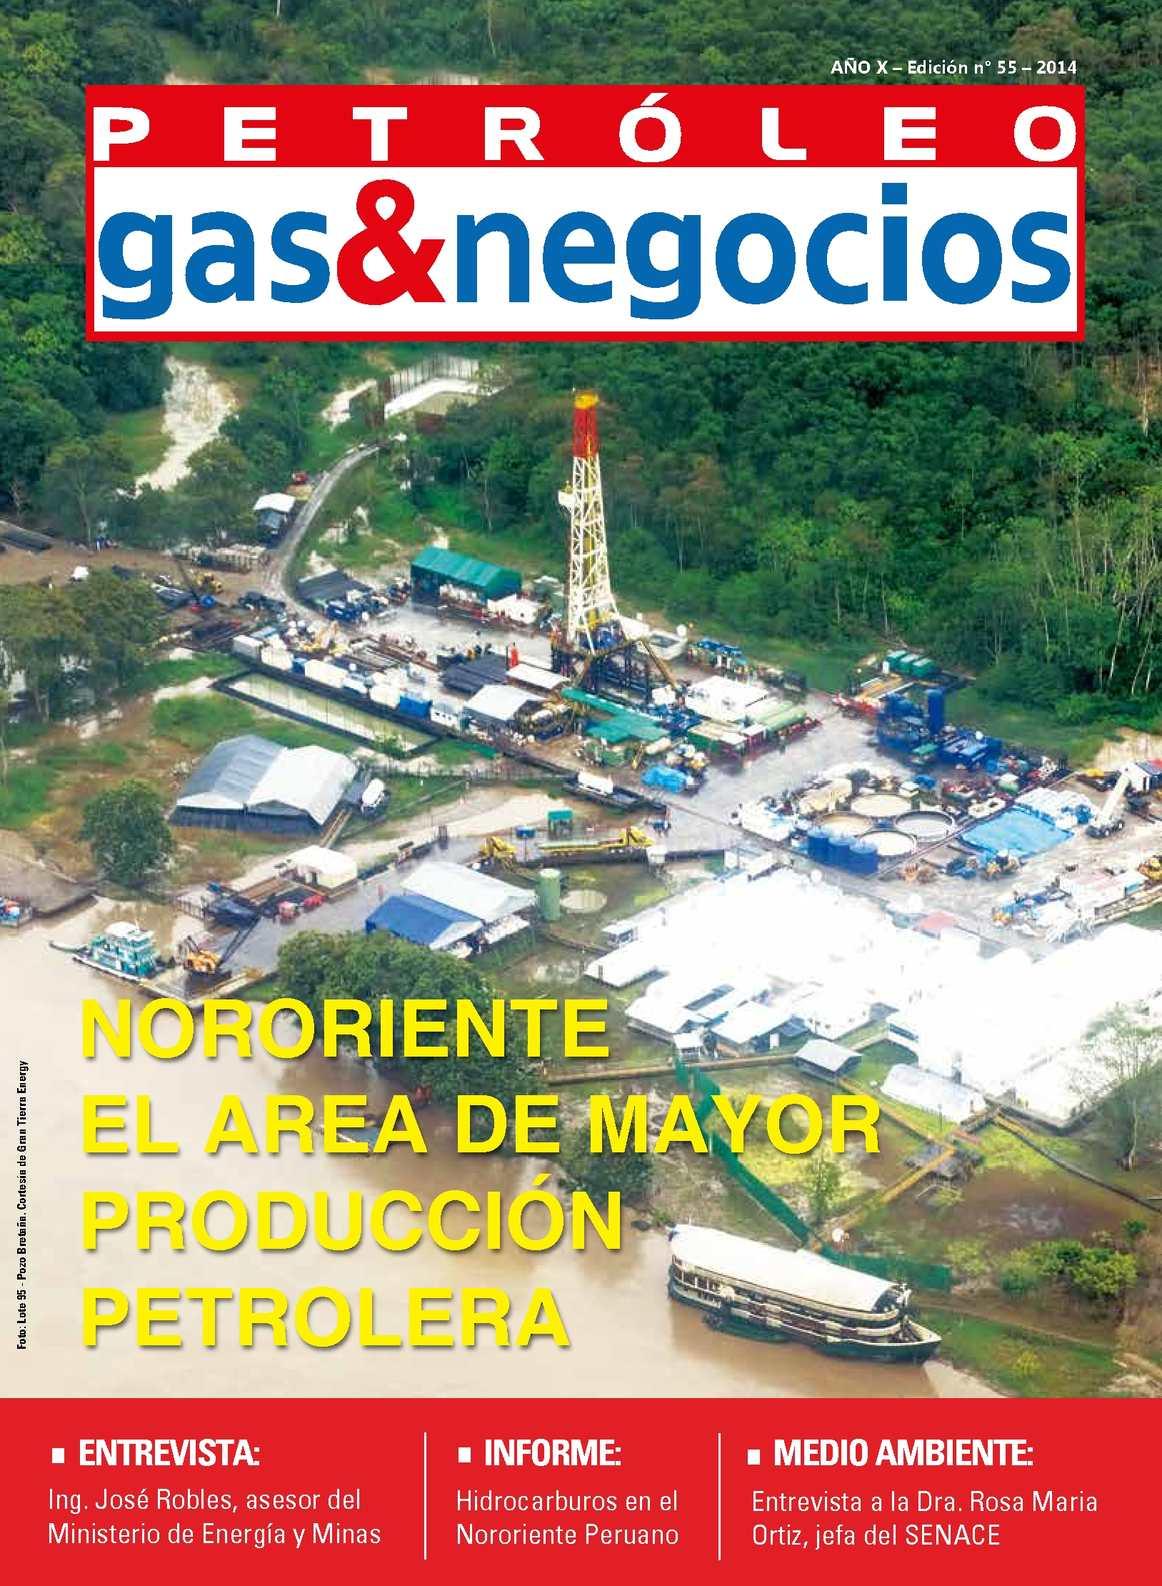 Calaméo - REVISTA PETROLEO, GAS & NEGOCIOS - EDICION 55